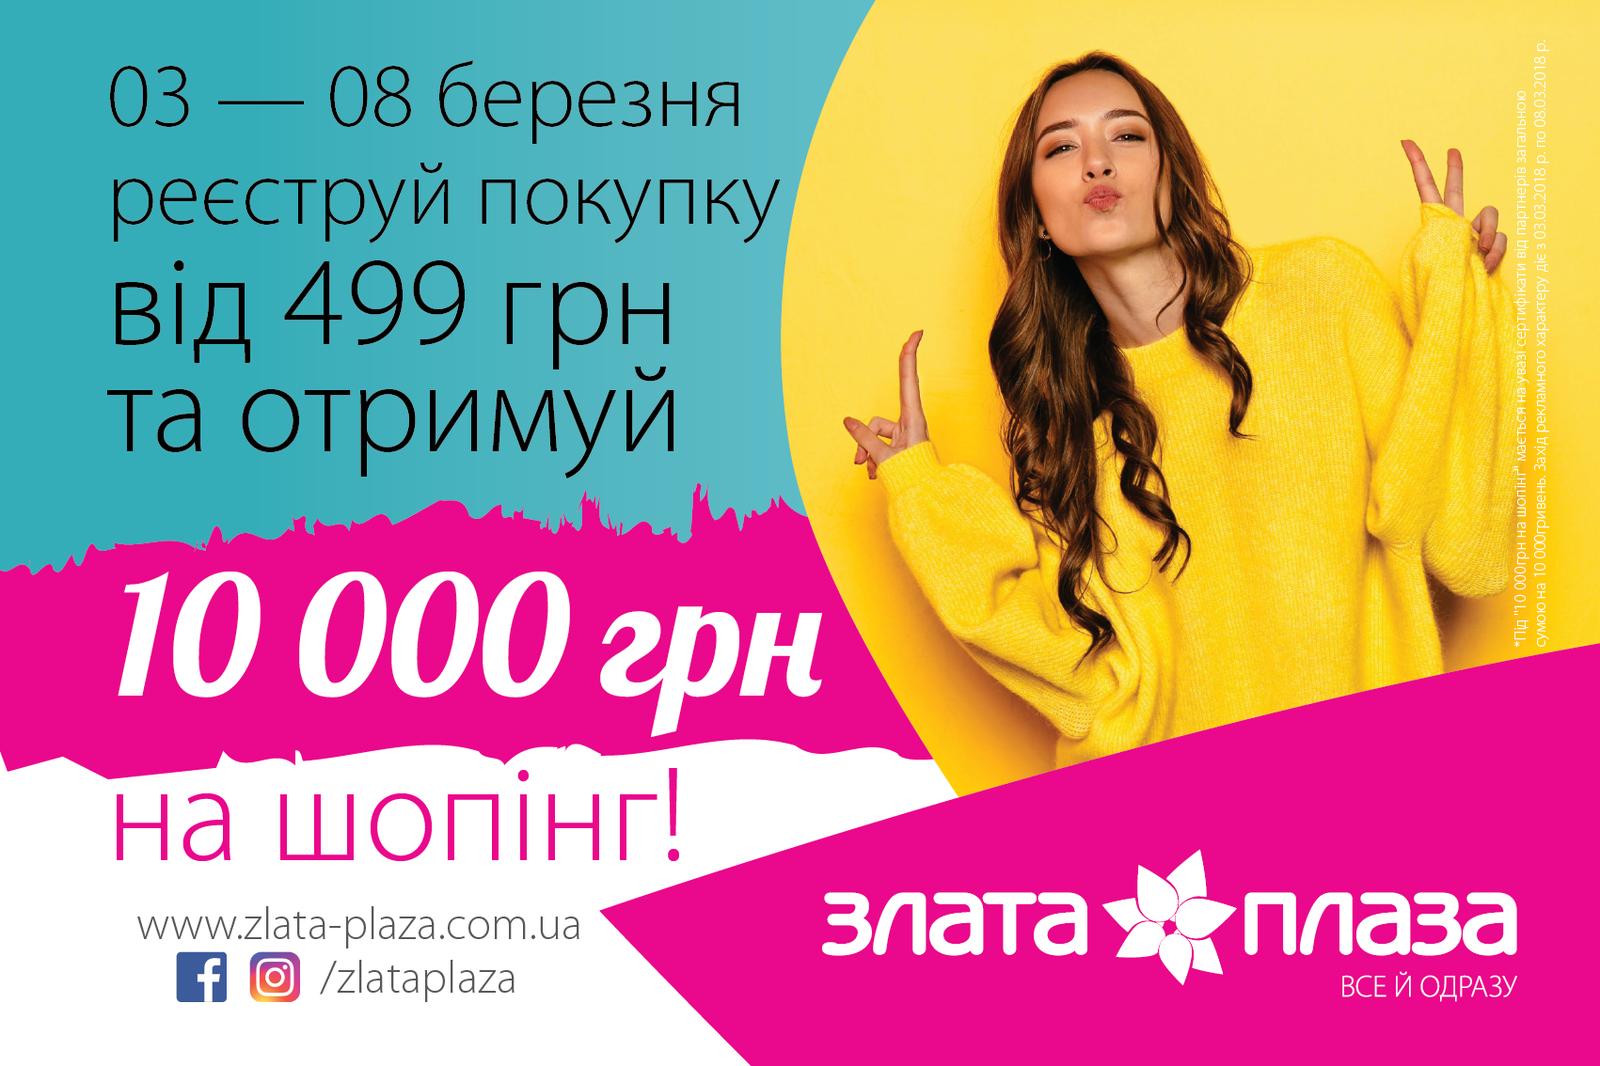 Реєструй покупку в ТРЦ «ЗЛАТА ПЛАЗА» та отримуй 10 000 грн на шопінг!